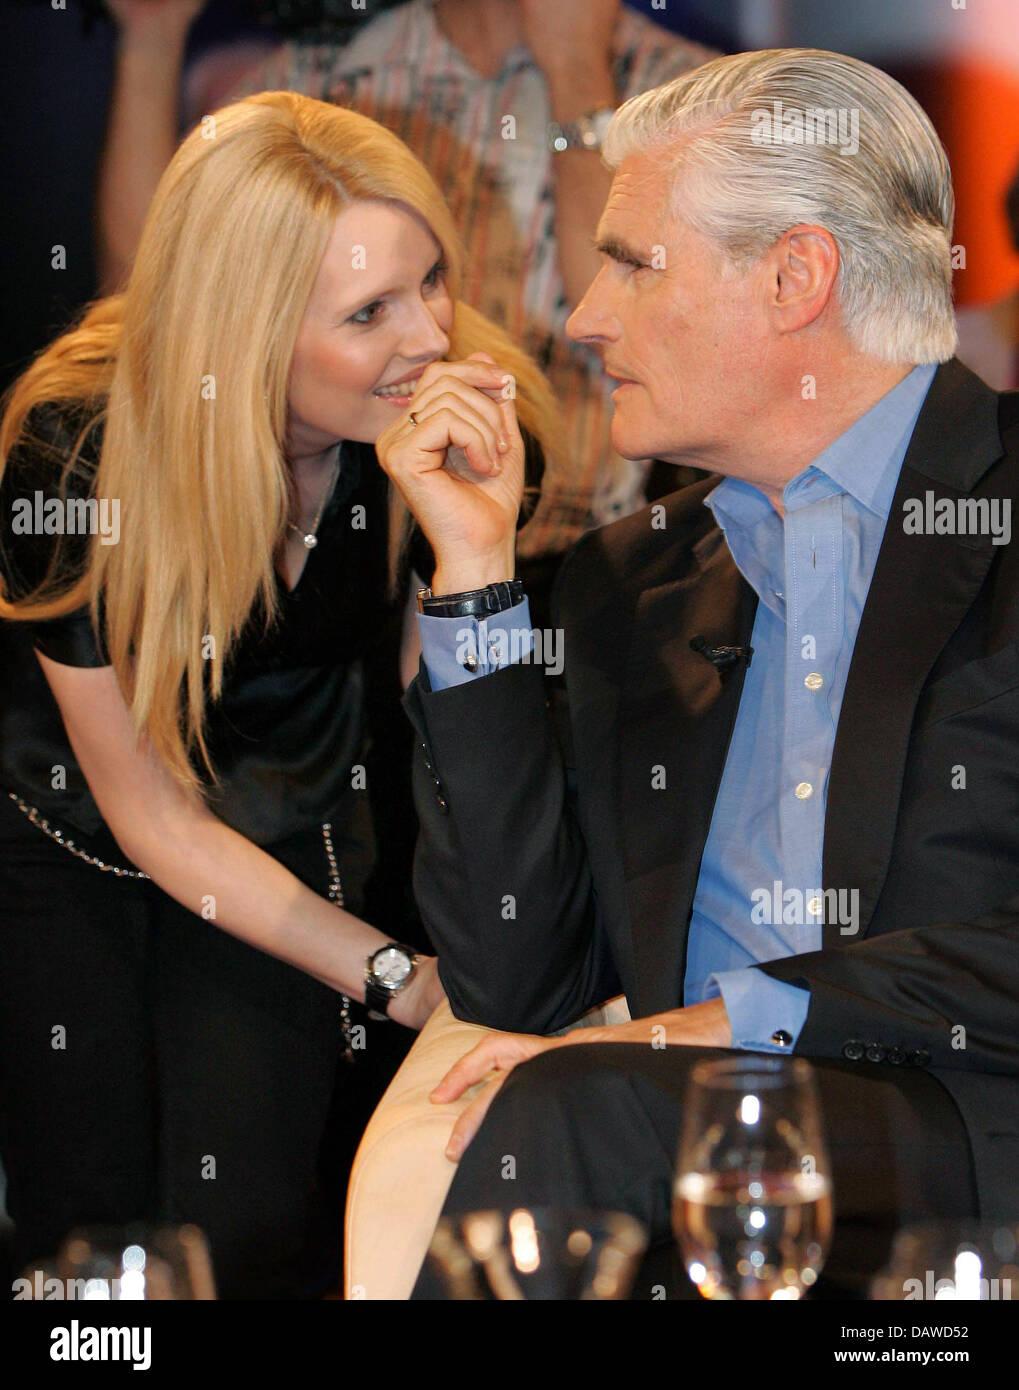 Deutsche Schauspieler Sky Du Mont R Und Seine Frau Mirja Im Bild